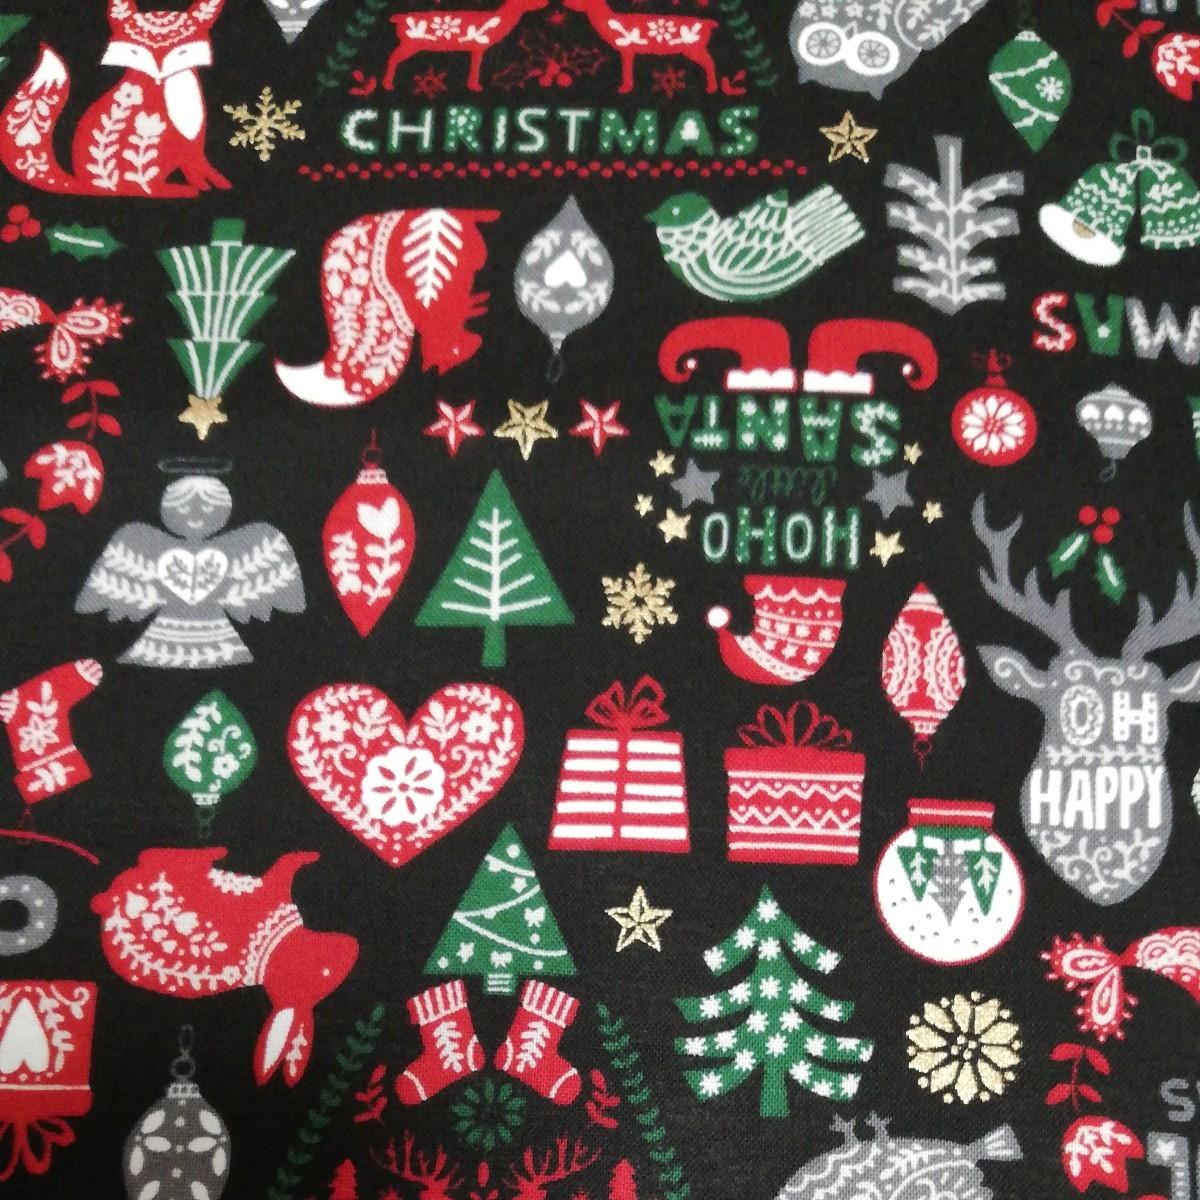 生地 はぎれ◇黒地 赤 緑 白 金◇クリスマス柄◇トナカイ 天使 エンジェル ふくろう うさぎ リス